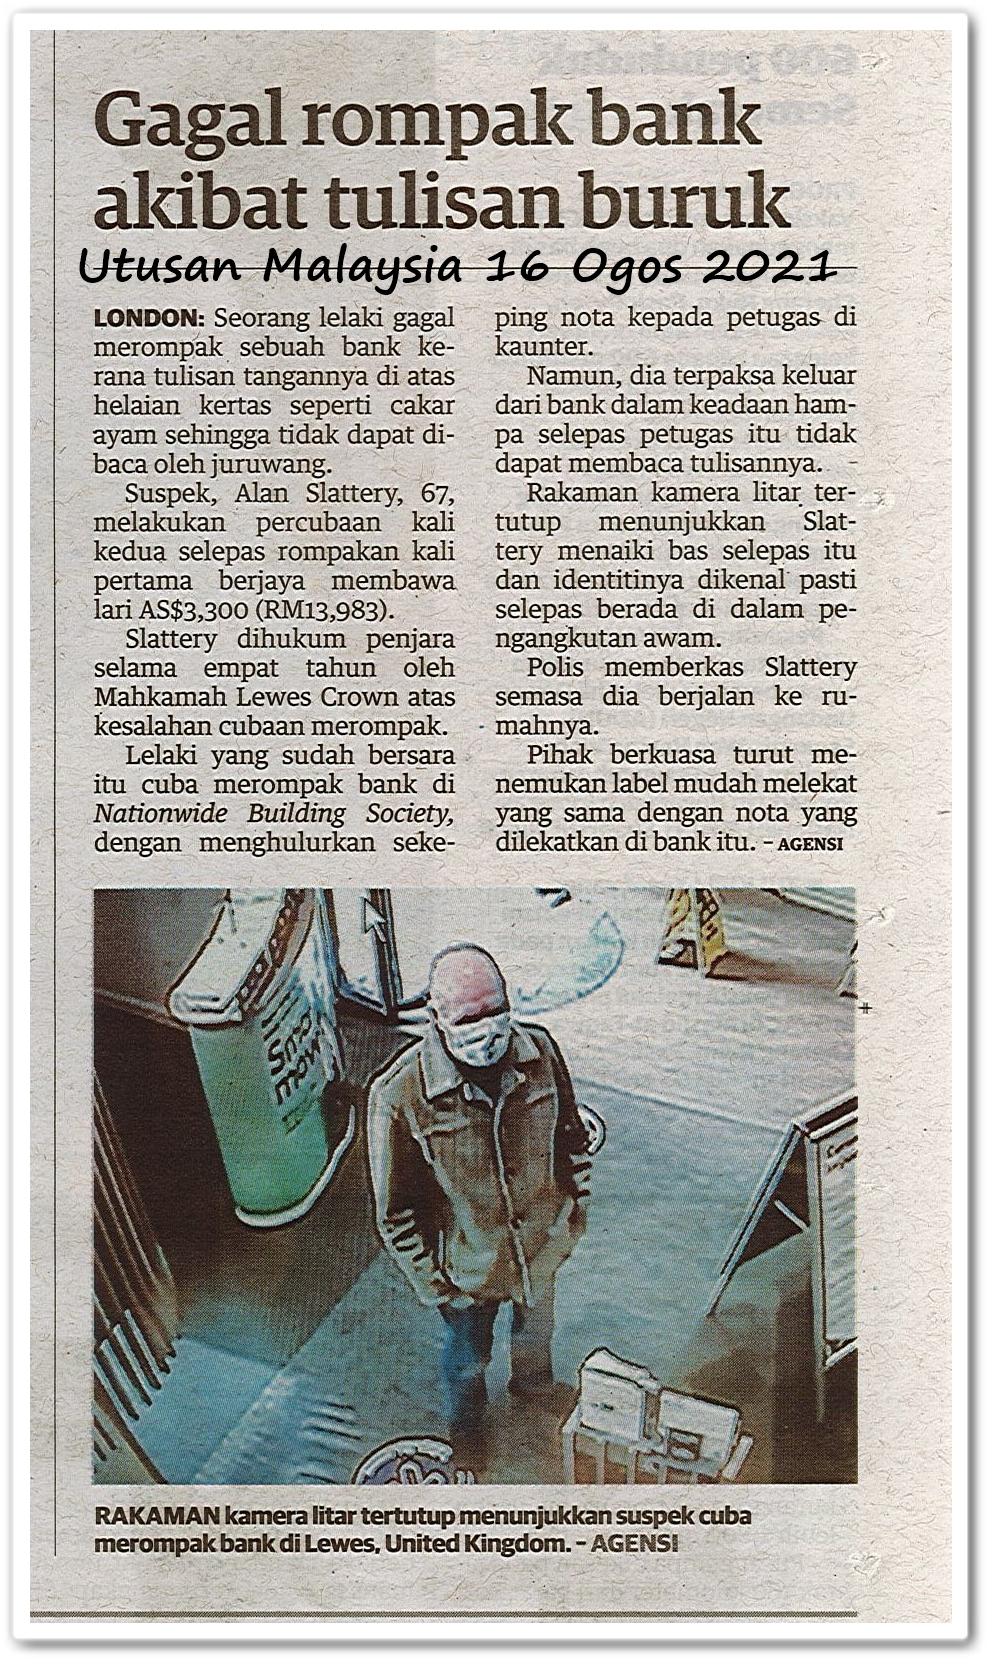 Gagal rompak bank akibat tulisan buruk - Keratan akhbar Utusan Malaysia 16 Ogos 2021